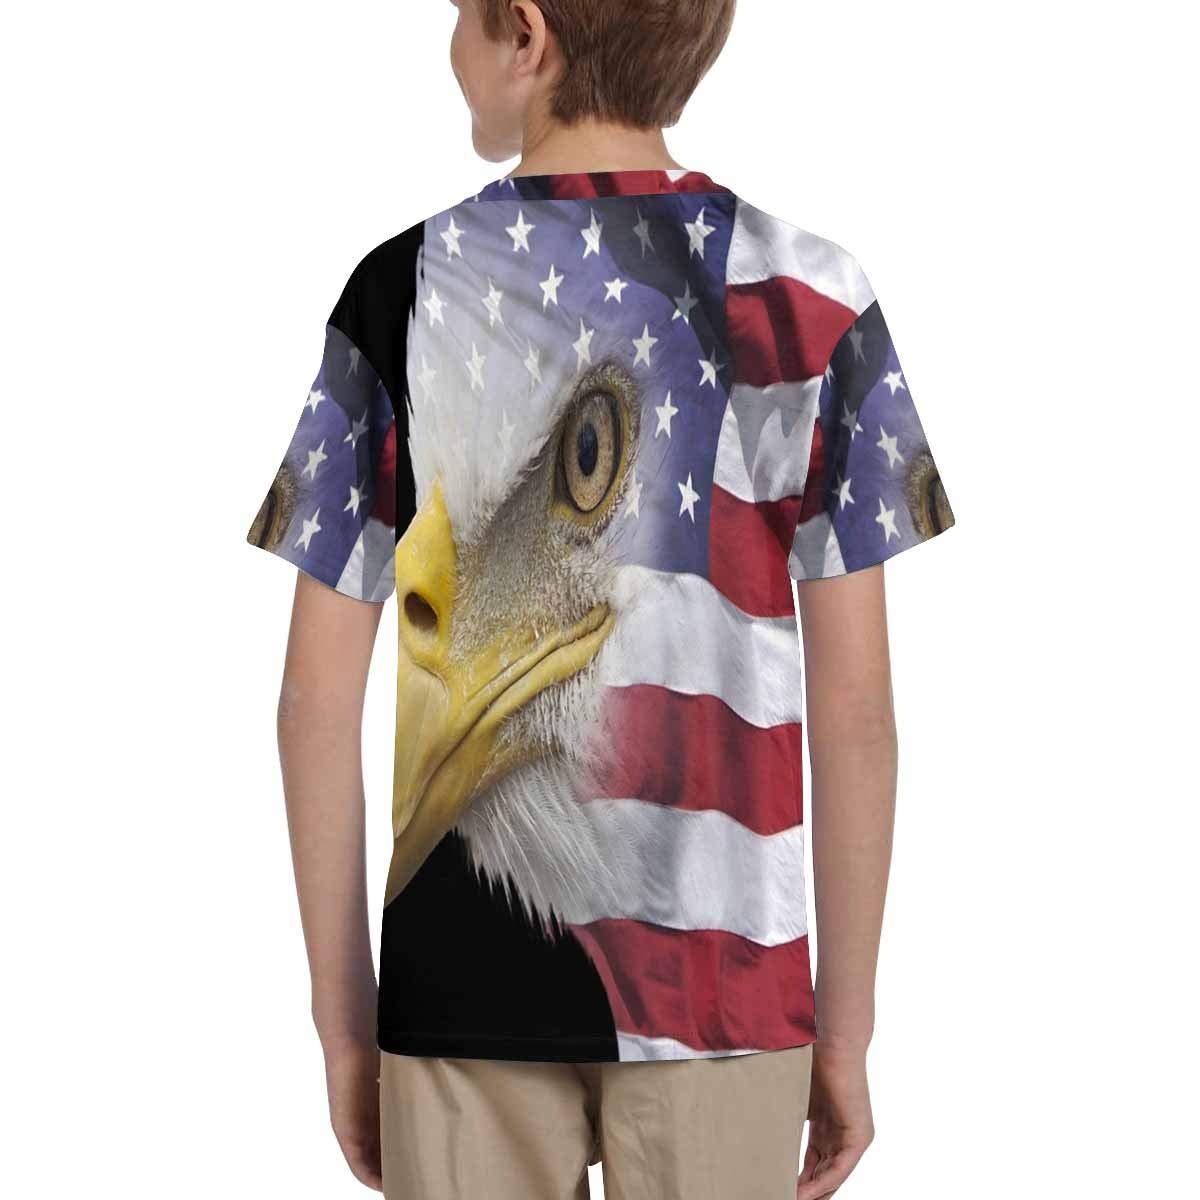 INTERESTPRINT Kids Short Sleeve T-Shirt XS-XL